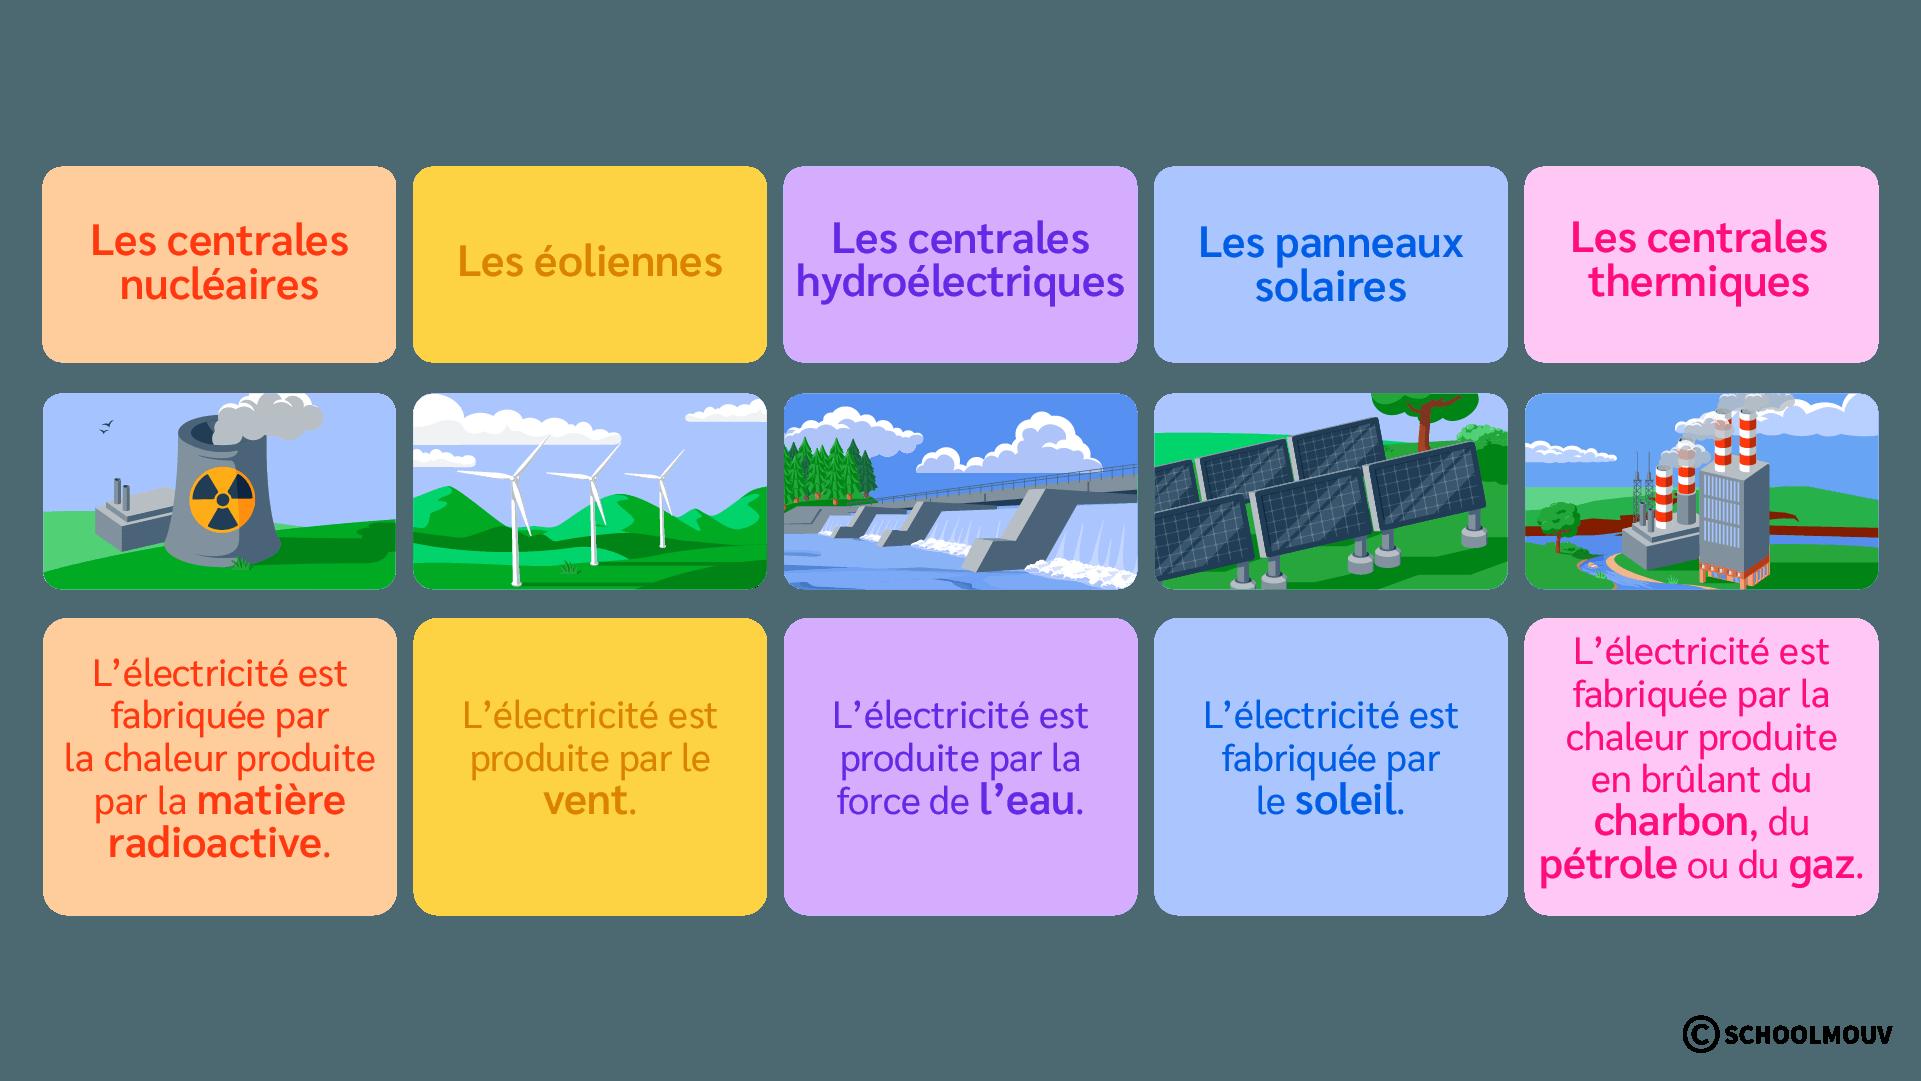 Production d'électricité - Centrales - Éoliennes - Solaire - Thermique - SchoolMouv - Sciences - CE2